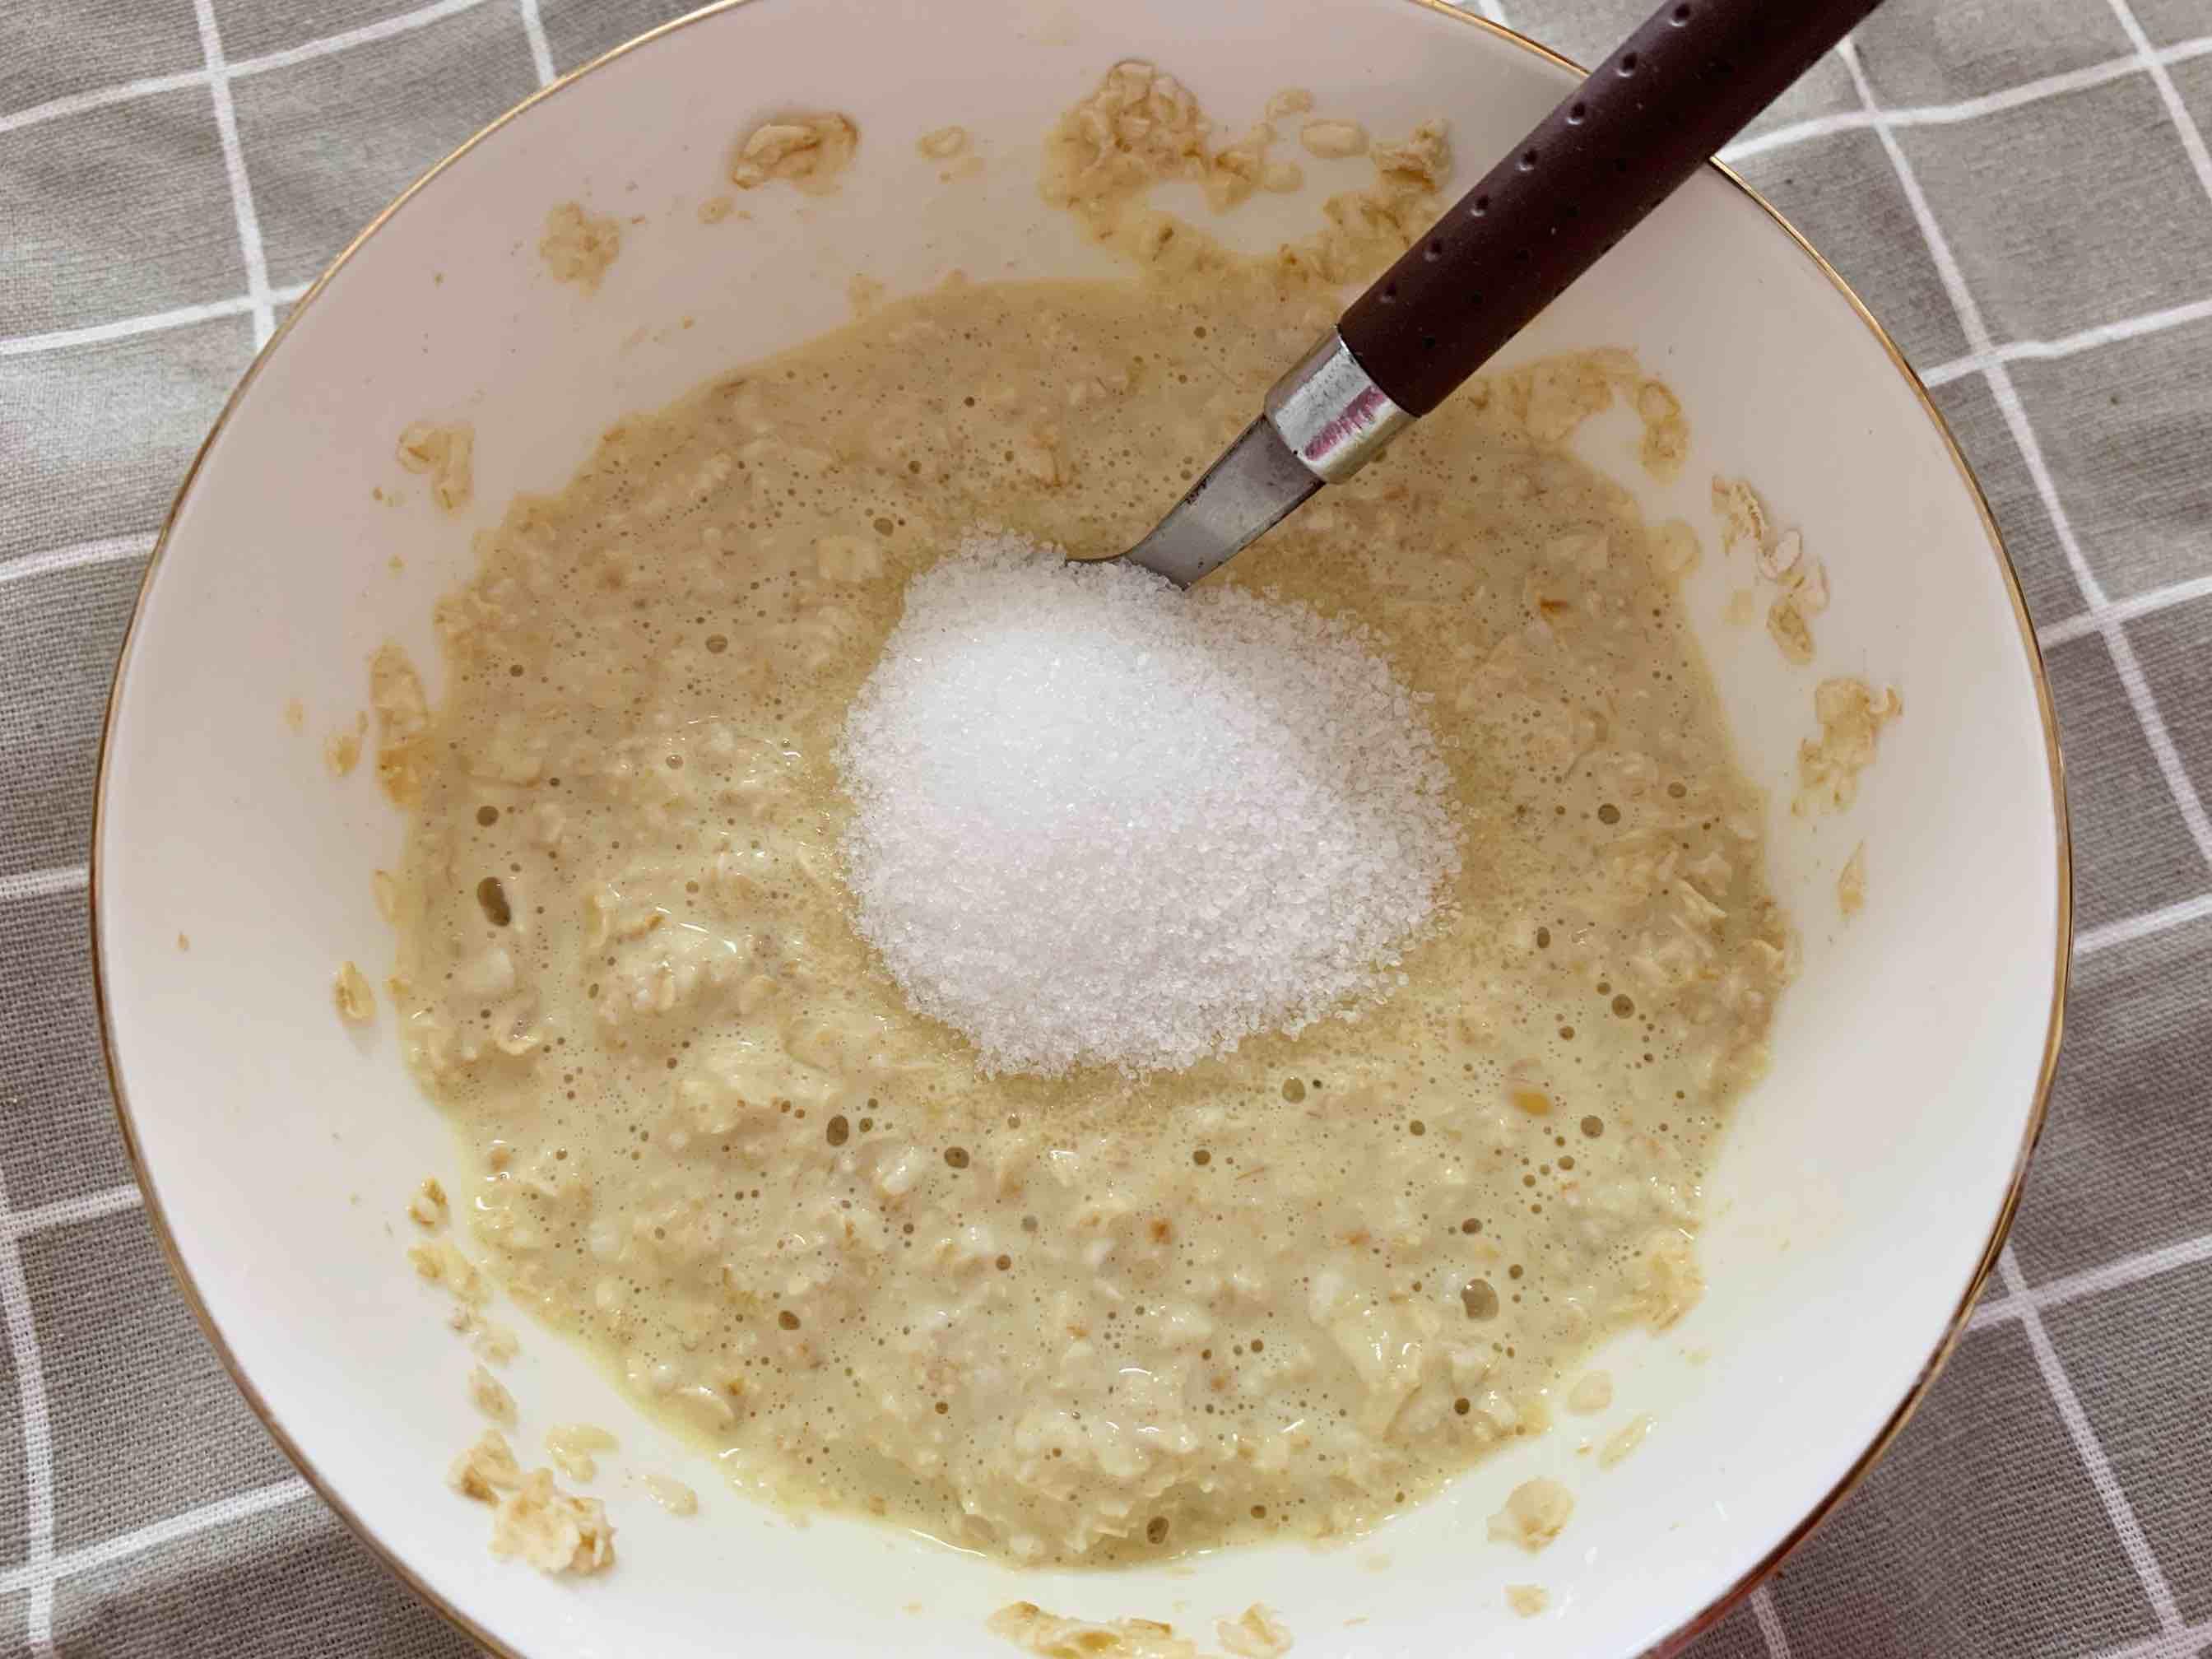 香蕉牛奶烤燕麦的简单做法